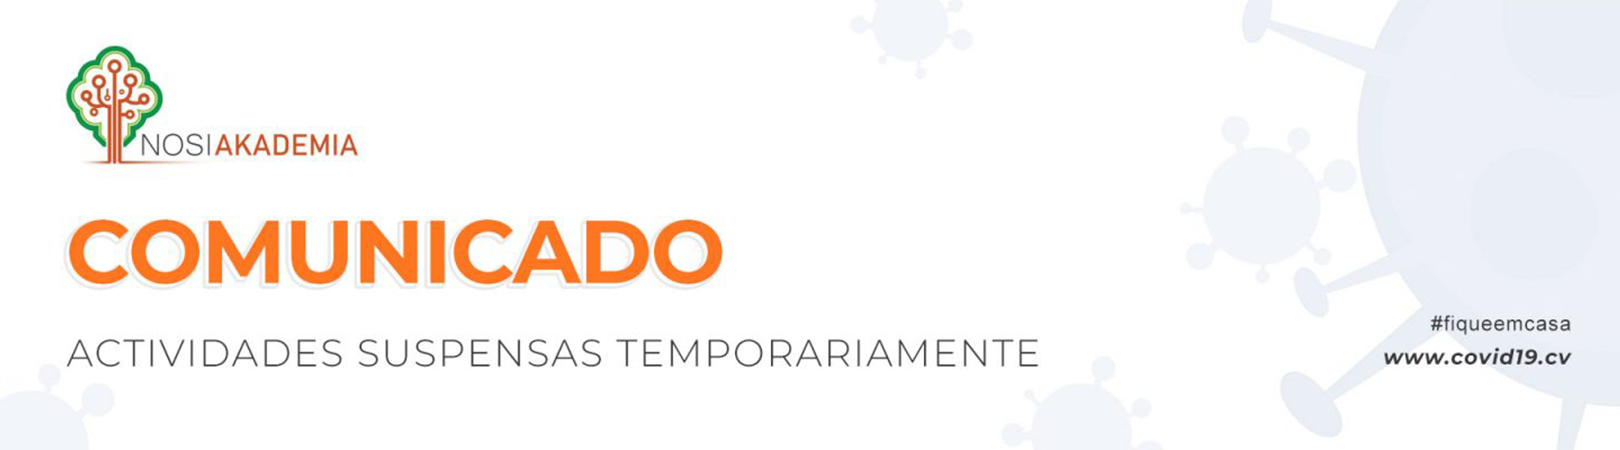 banner-site_nosi_002-2020_comunicado-covid19-1536x400